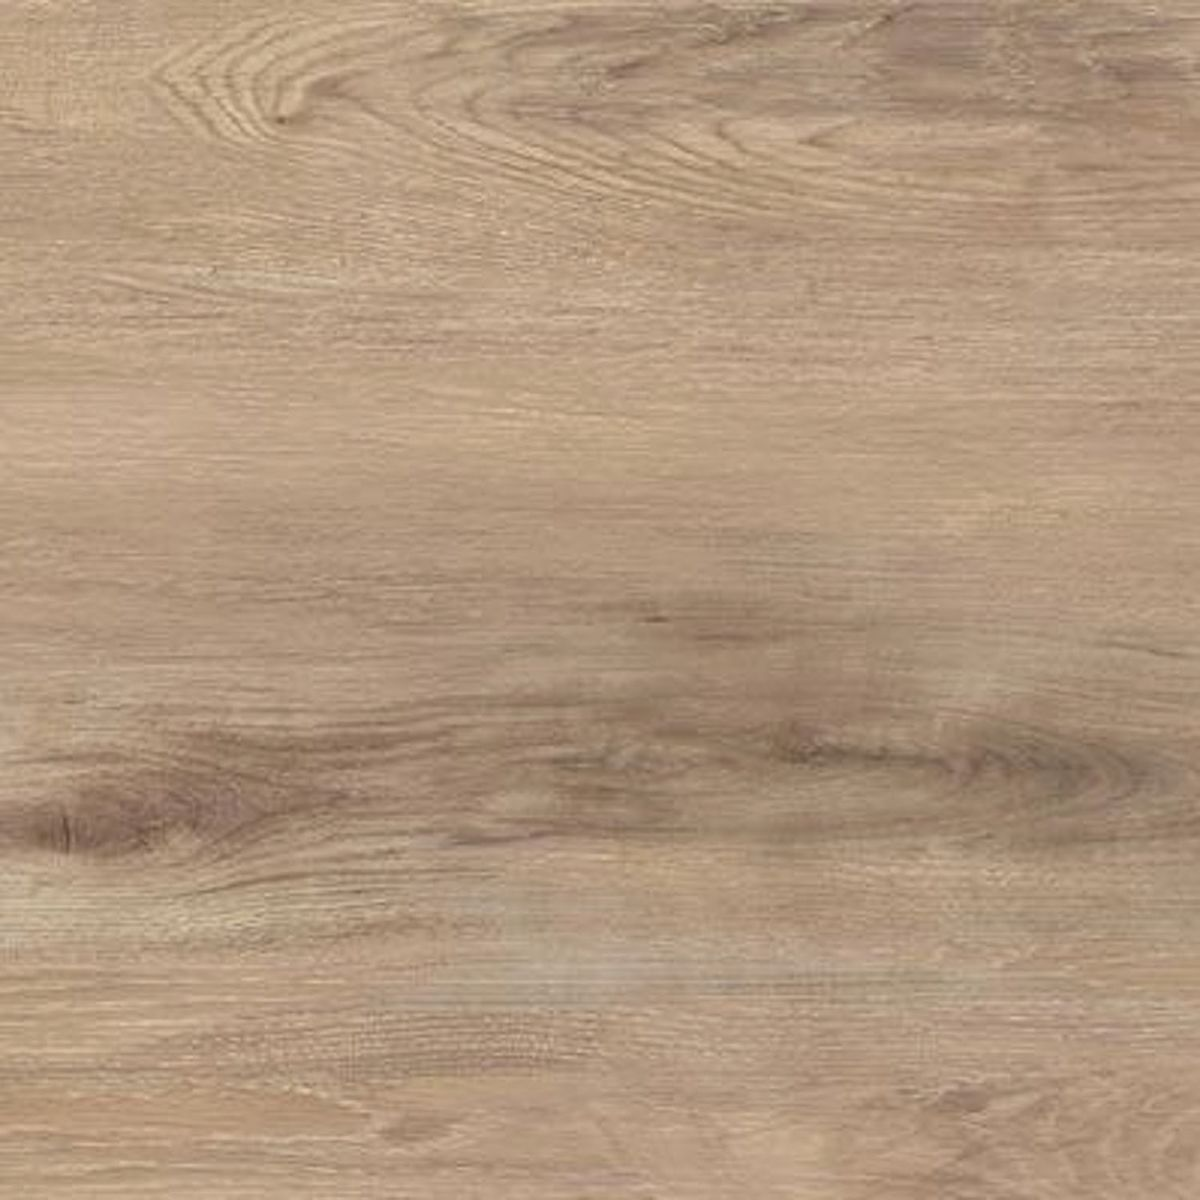 Battiscopa leroy merlin e carta finish rivestito bianco x for Pavimenti finto legno leroy merlin